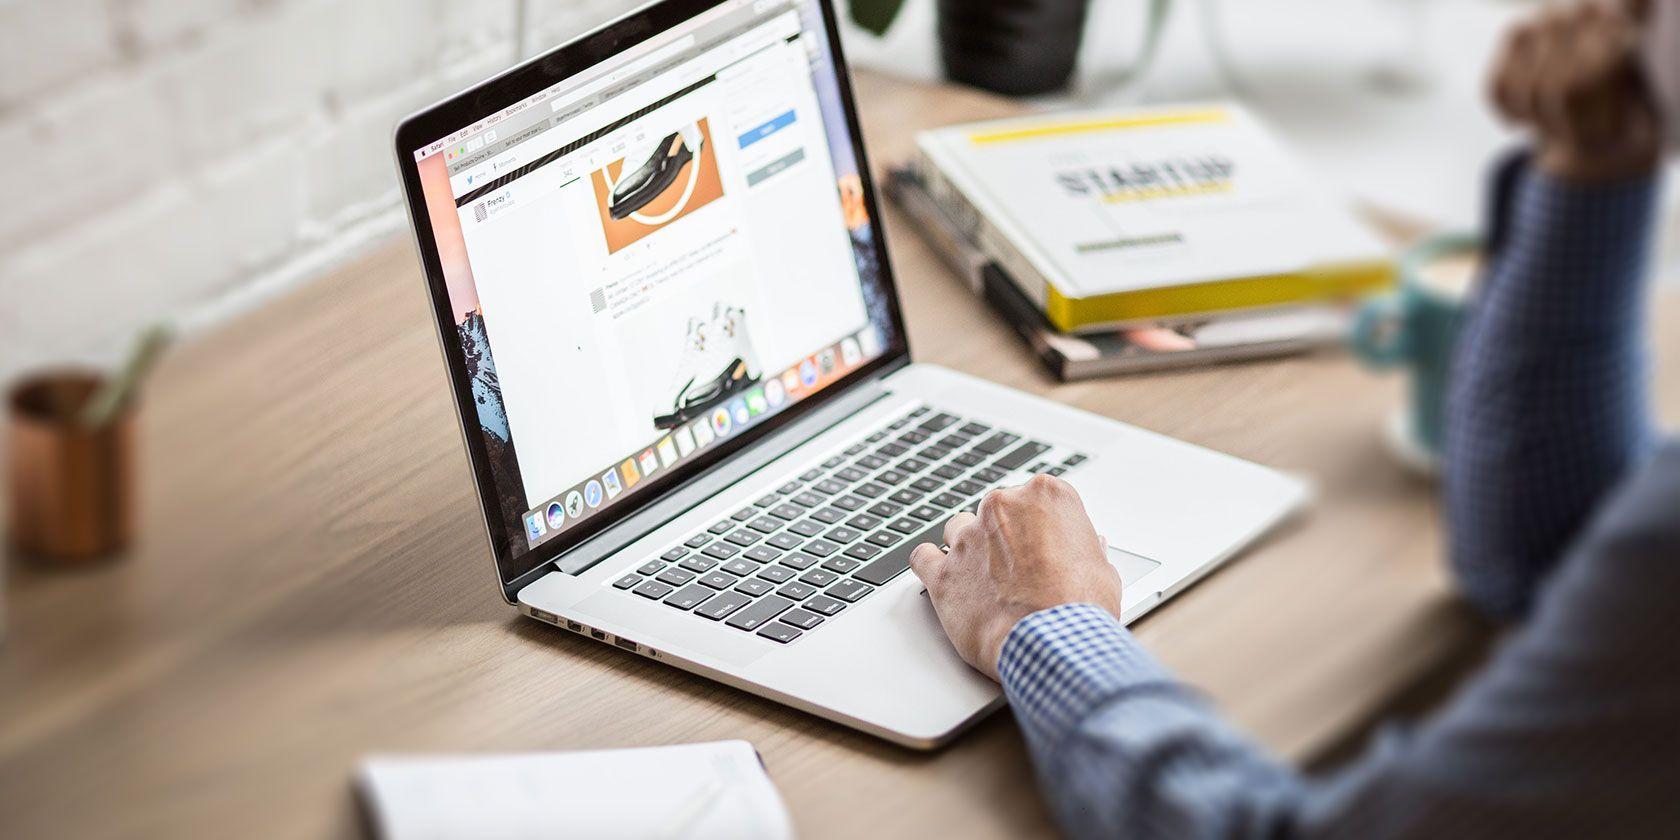 5 Simple macOS Tweaks to Help You Stay Focused